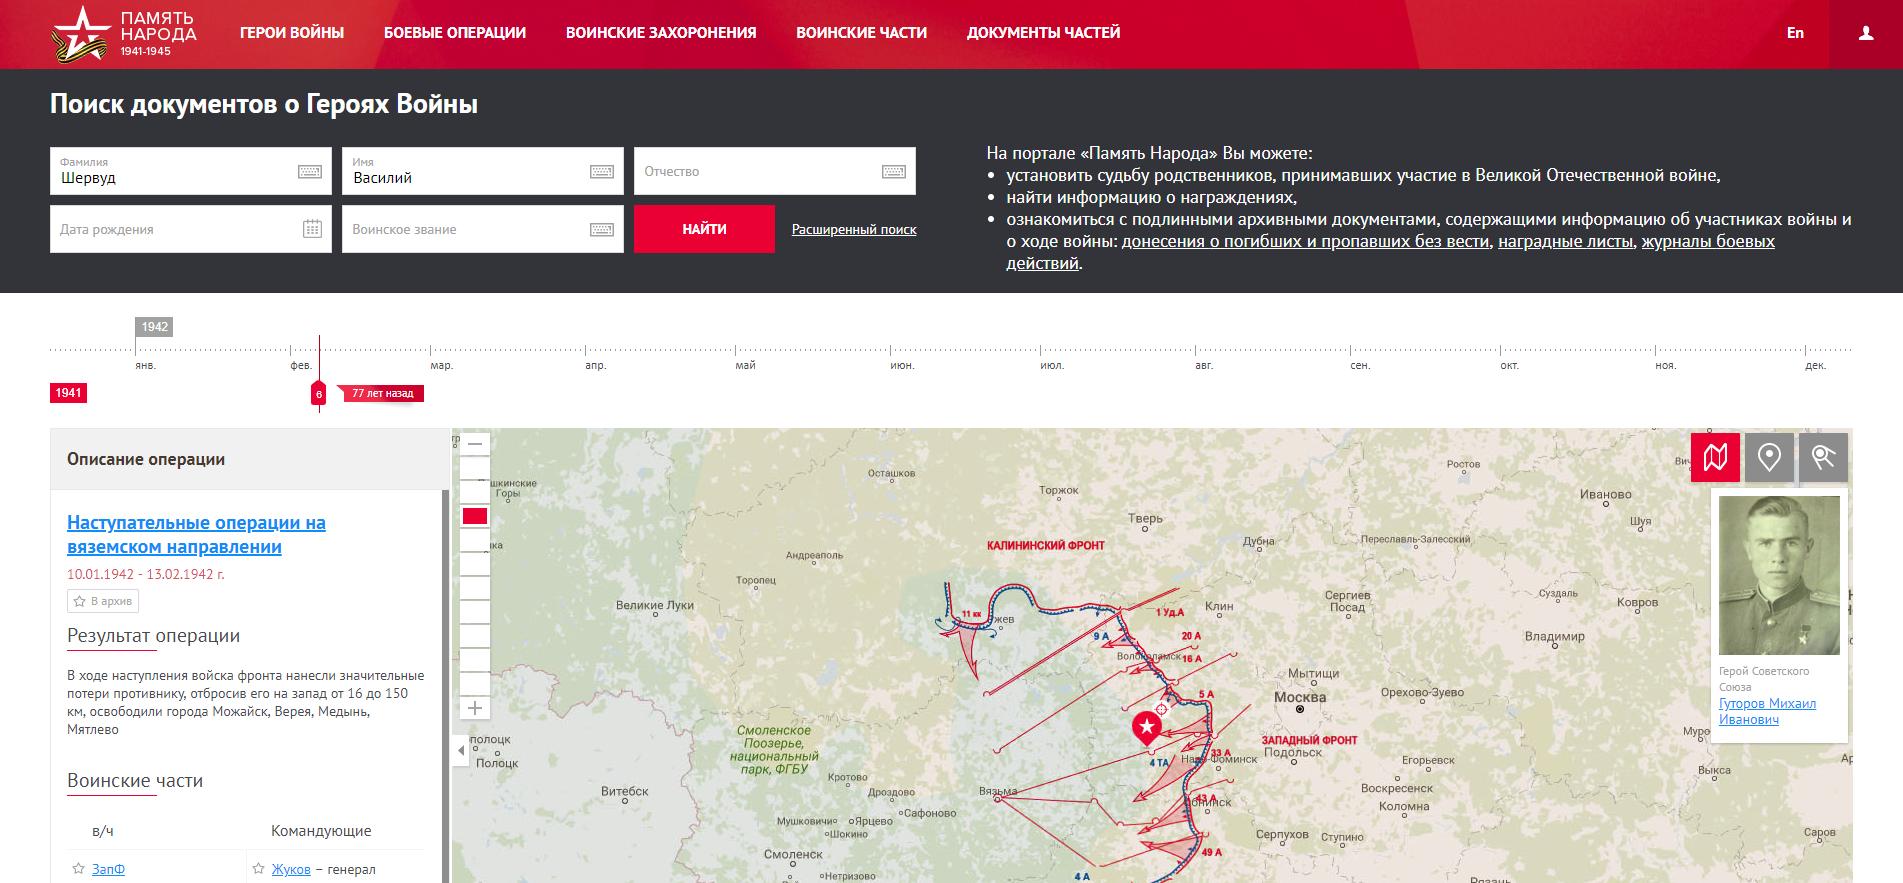 Сайт  pamyat-naroda.ru  Поиск по приказам о награждениях, солдатские захоронения.